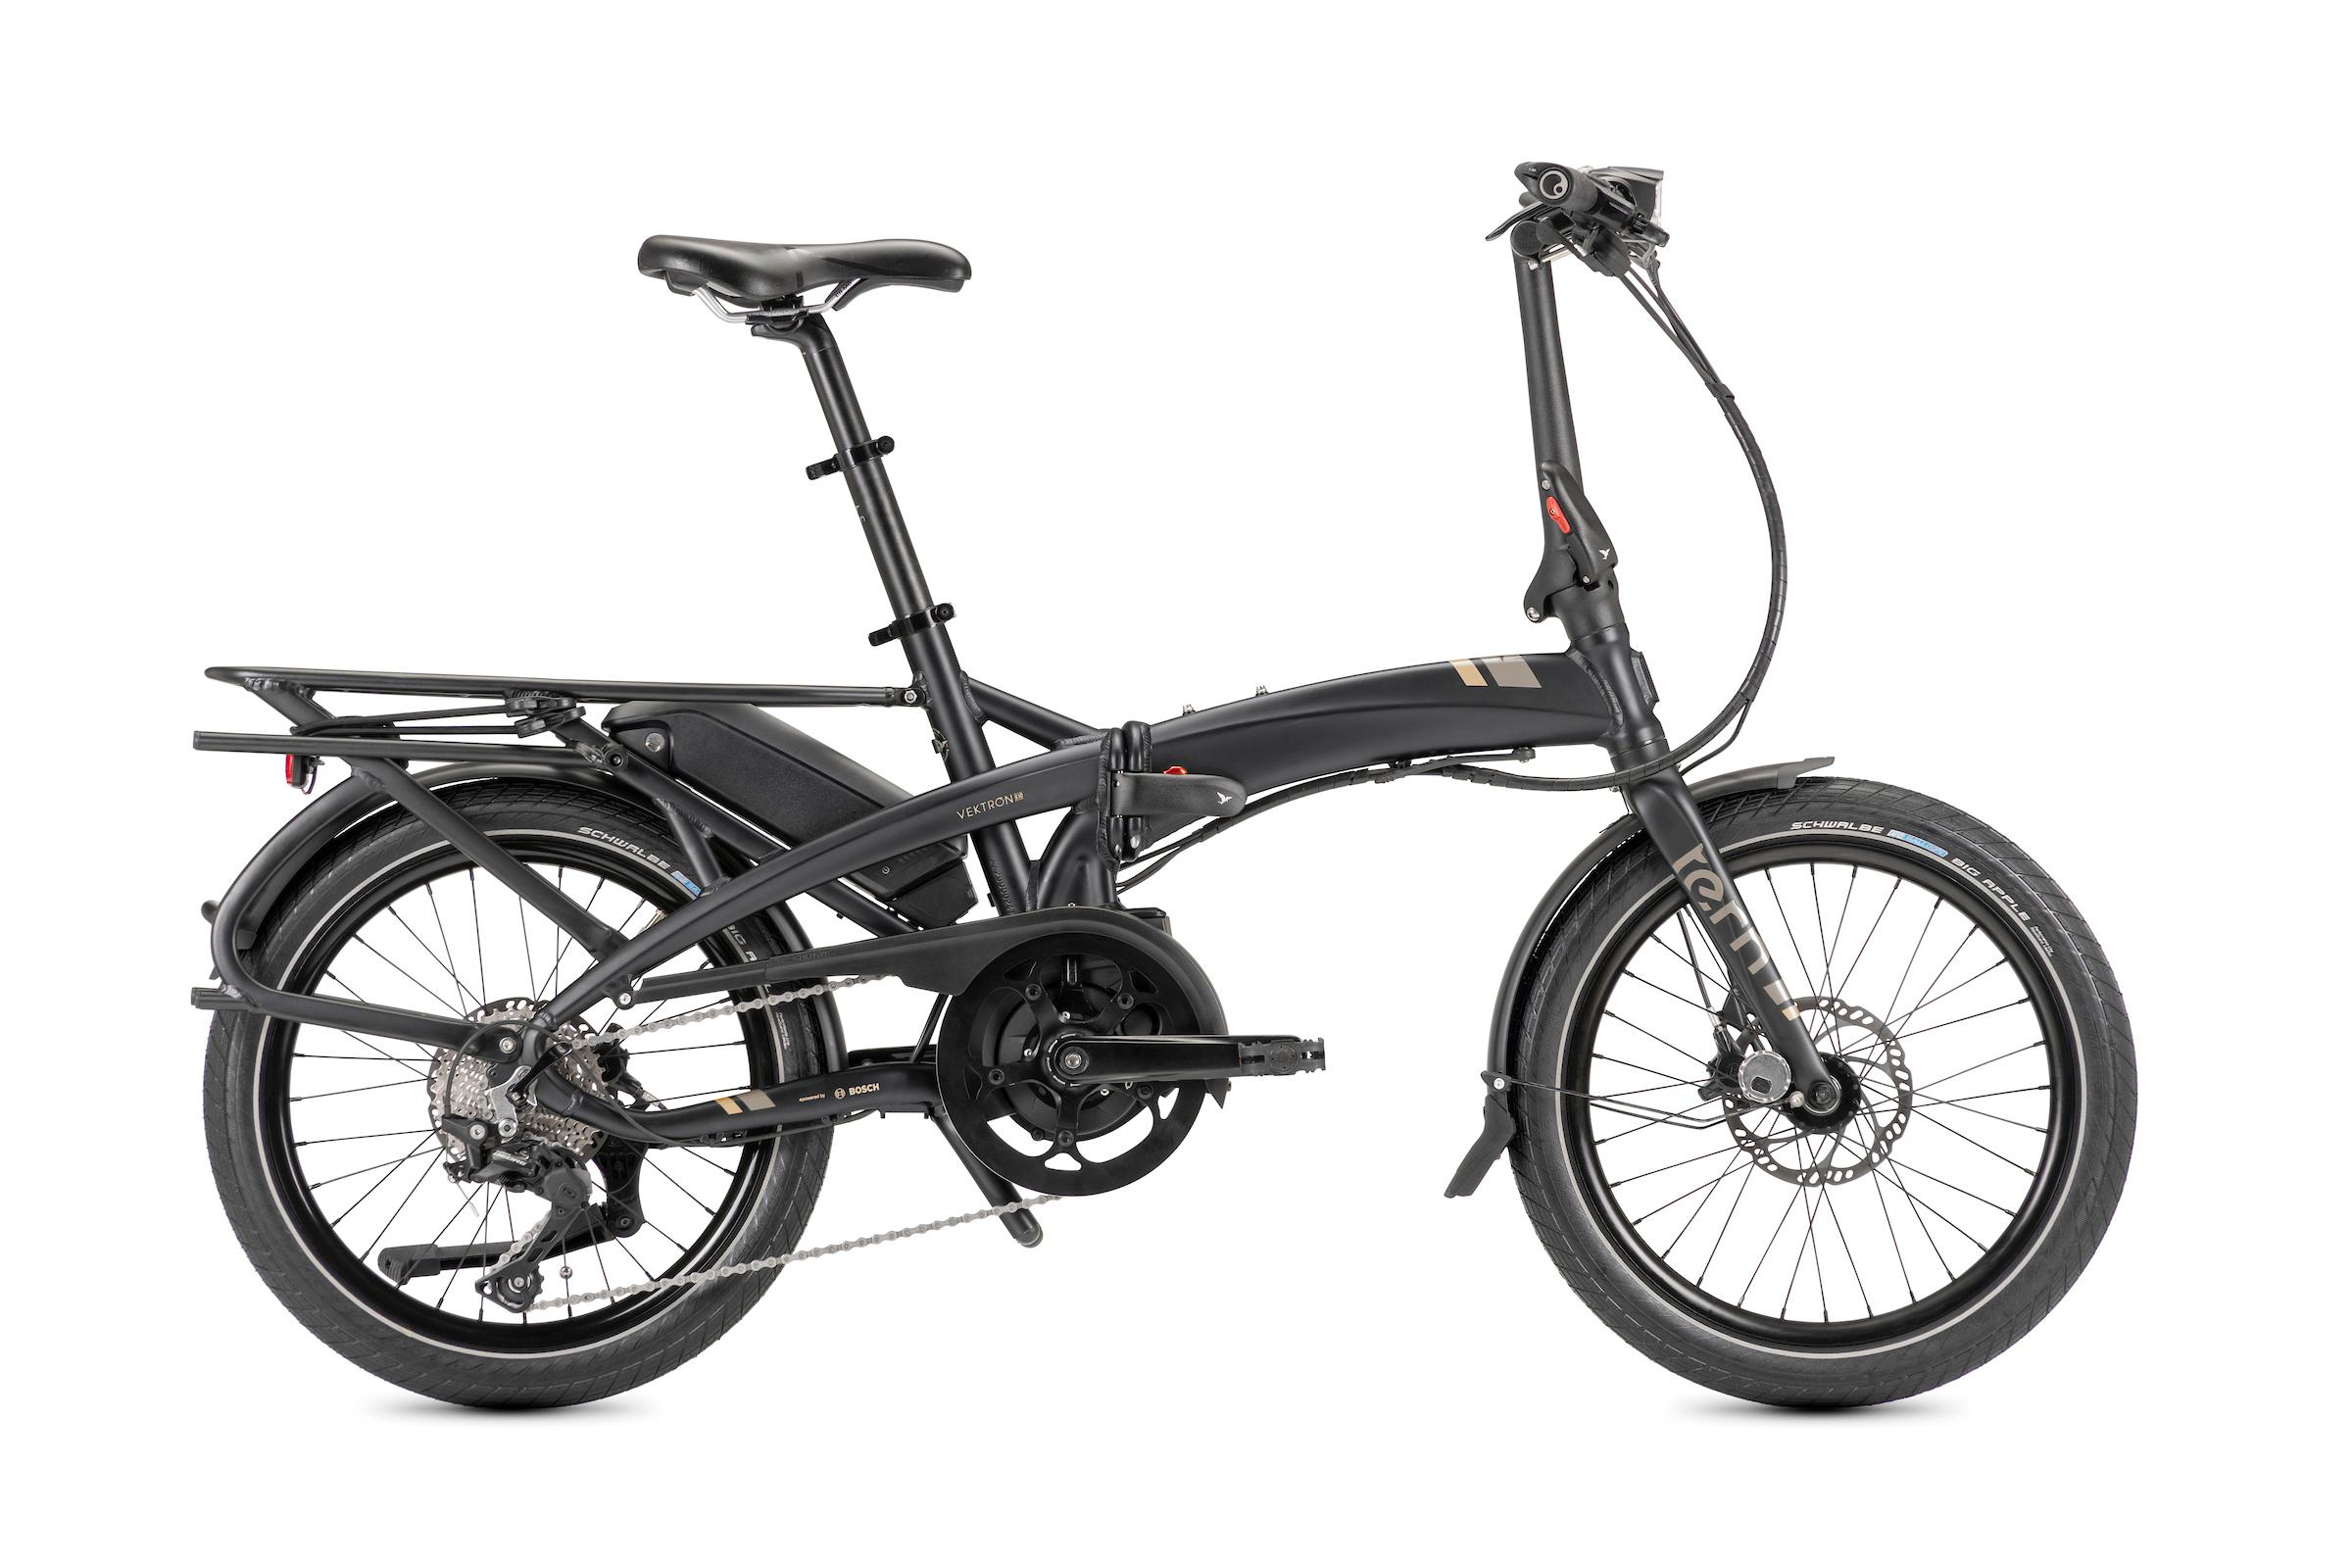 Tern S10 folding electric bike